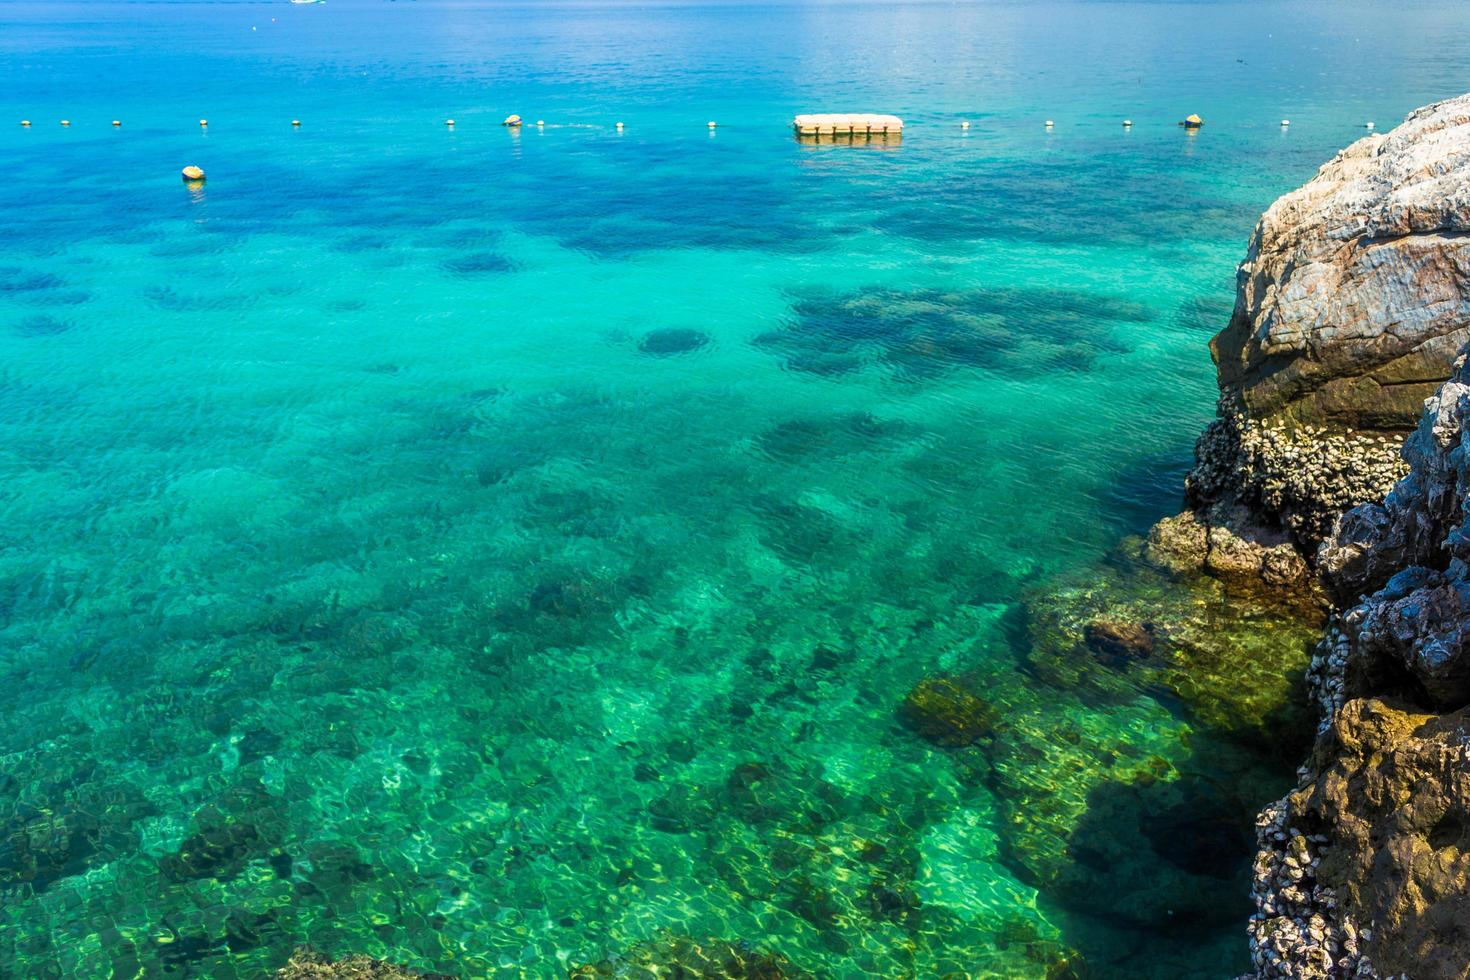 océano tropical durante el día foto